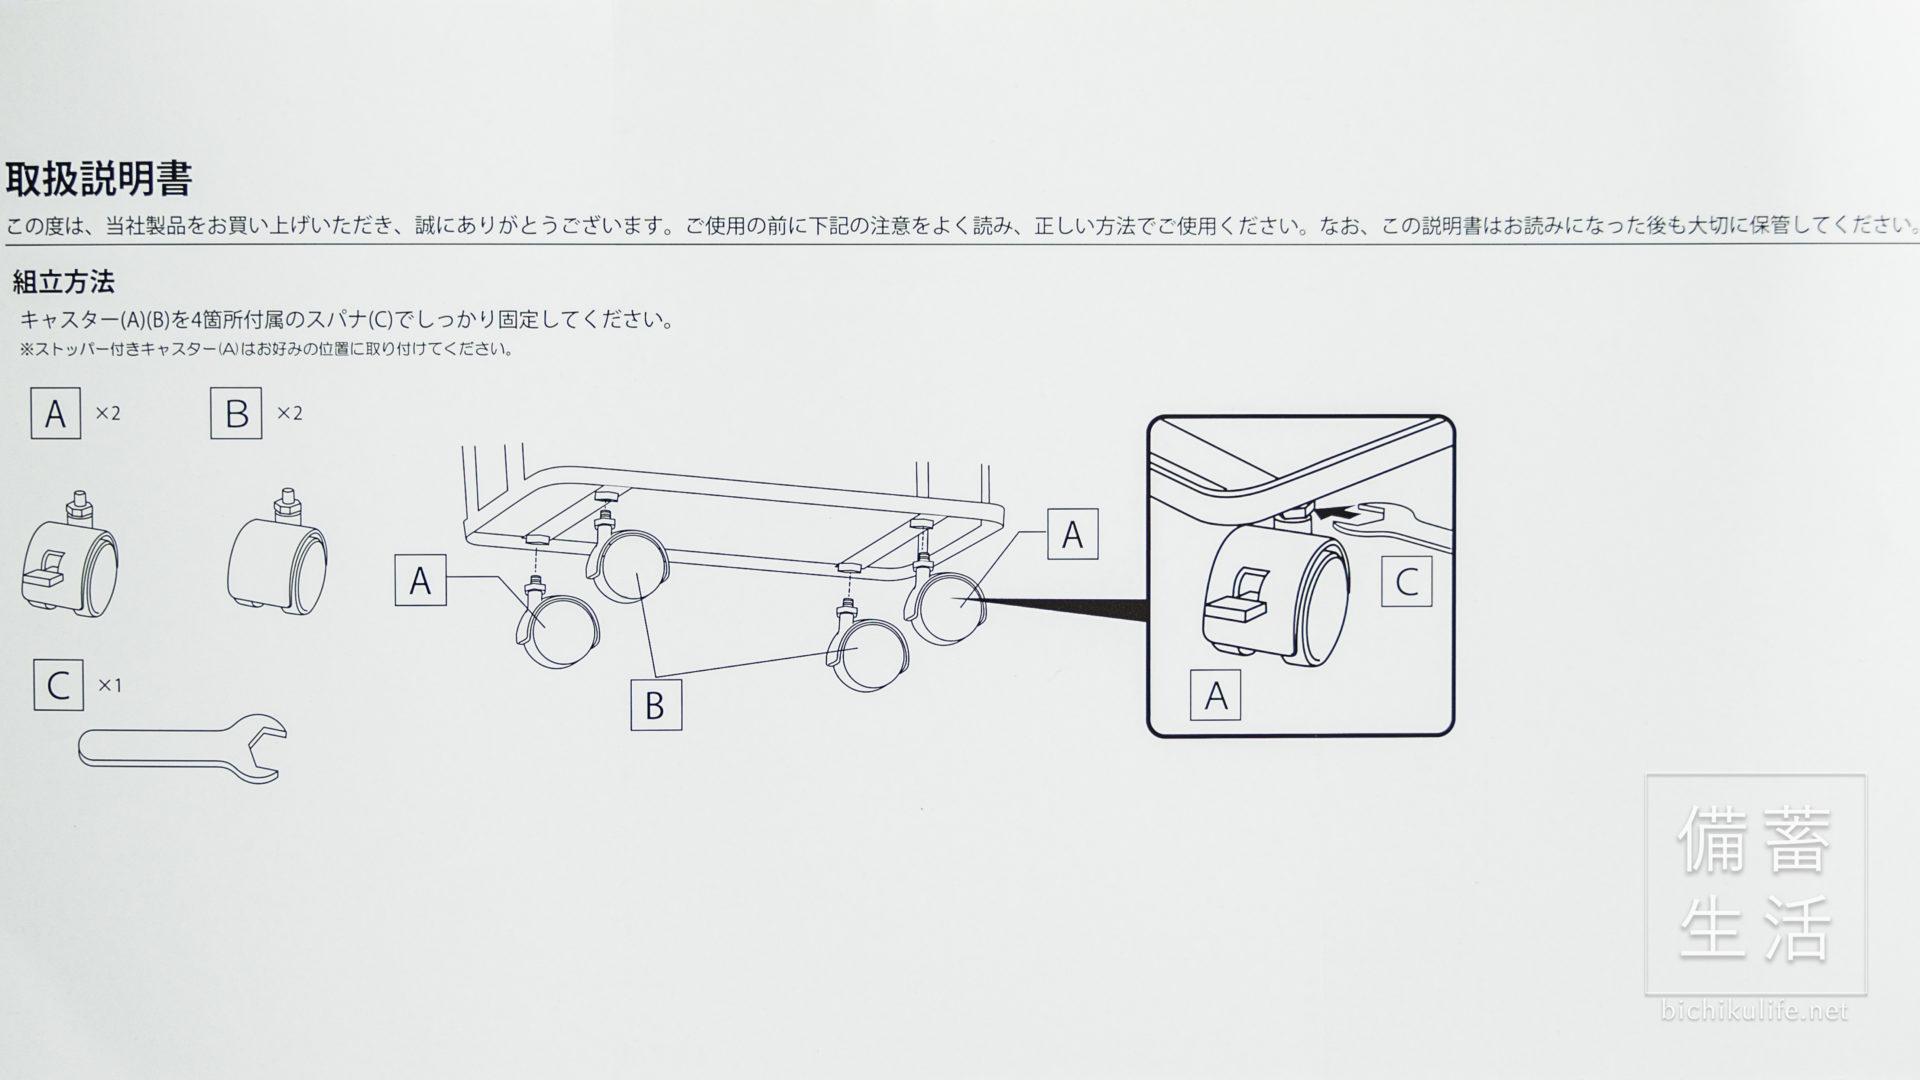 山崎実業 ダンボールストッカー収納 tower 取り付け方法